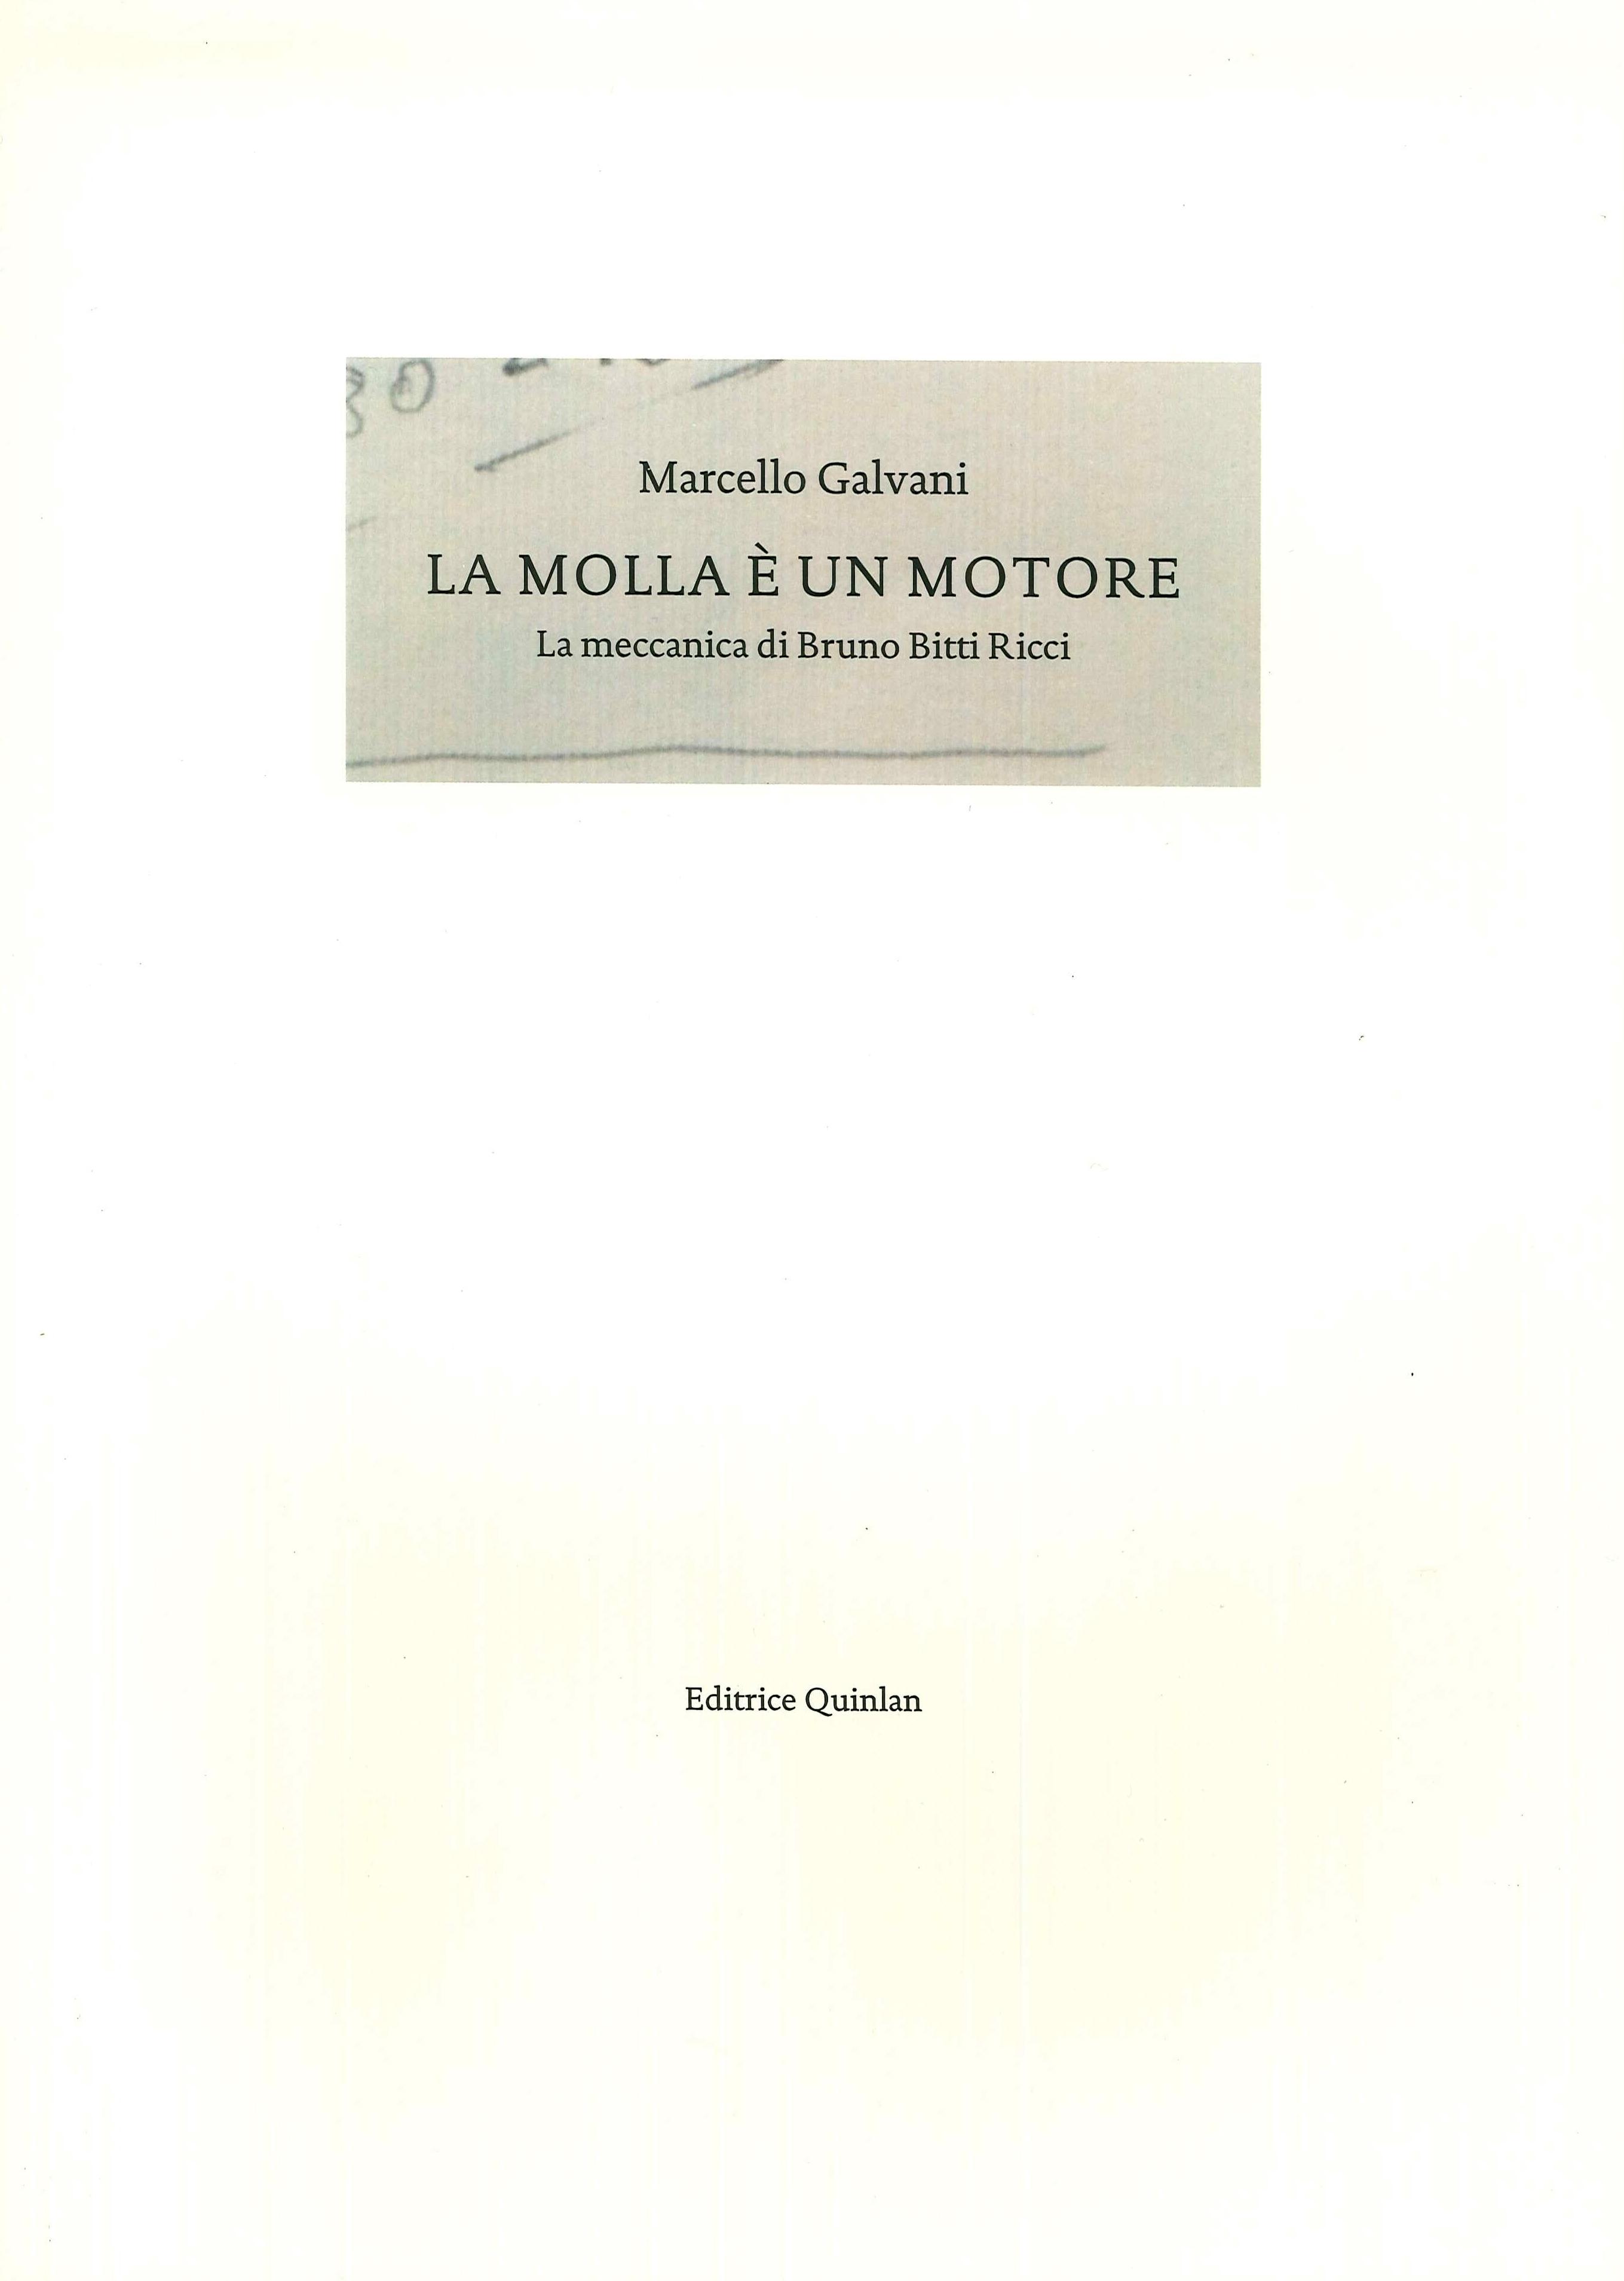 La Molla E' un Motore. La meccanica di Bruno Ricci Bitti. [Libro d'artista].